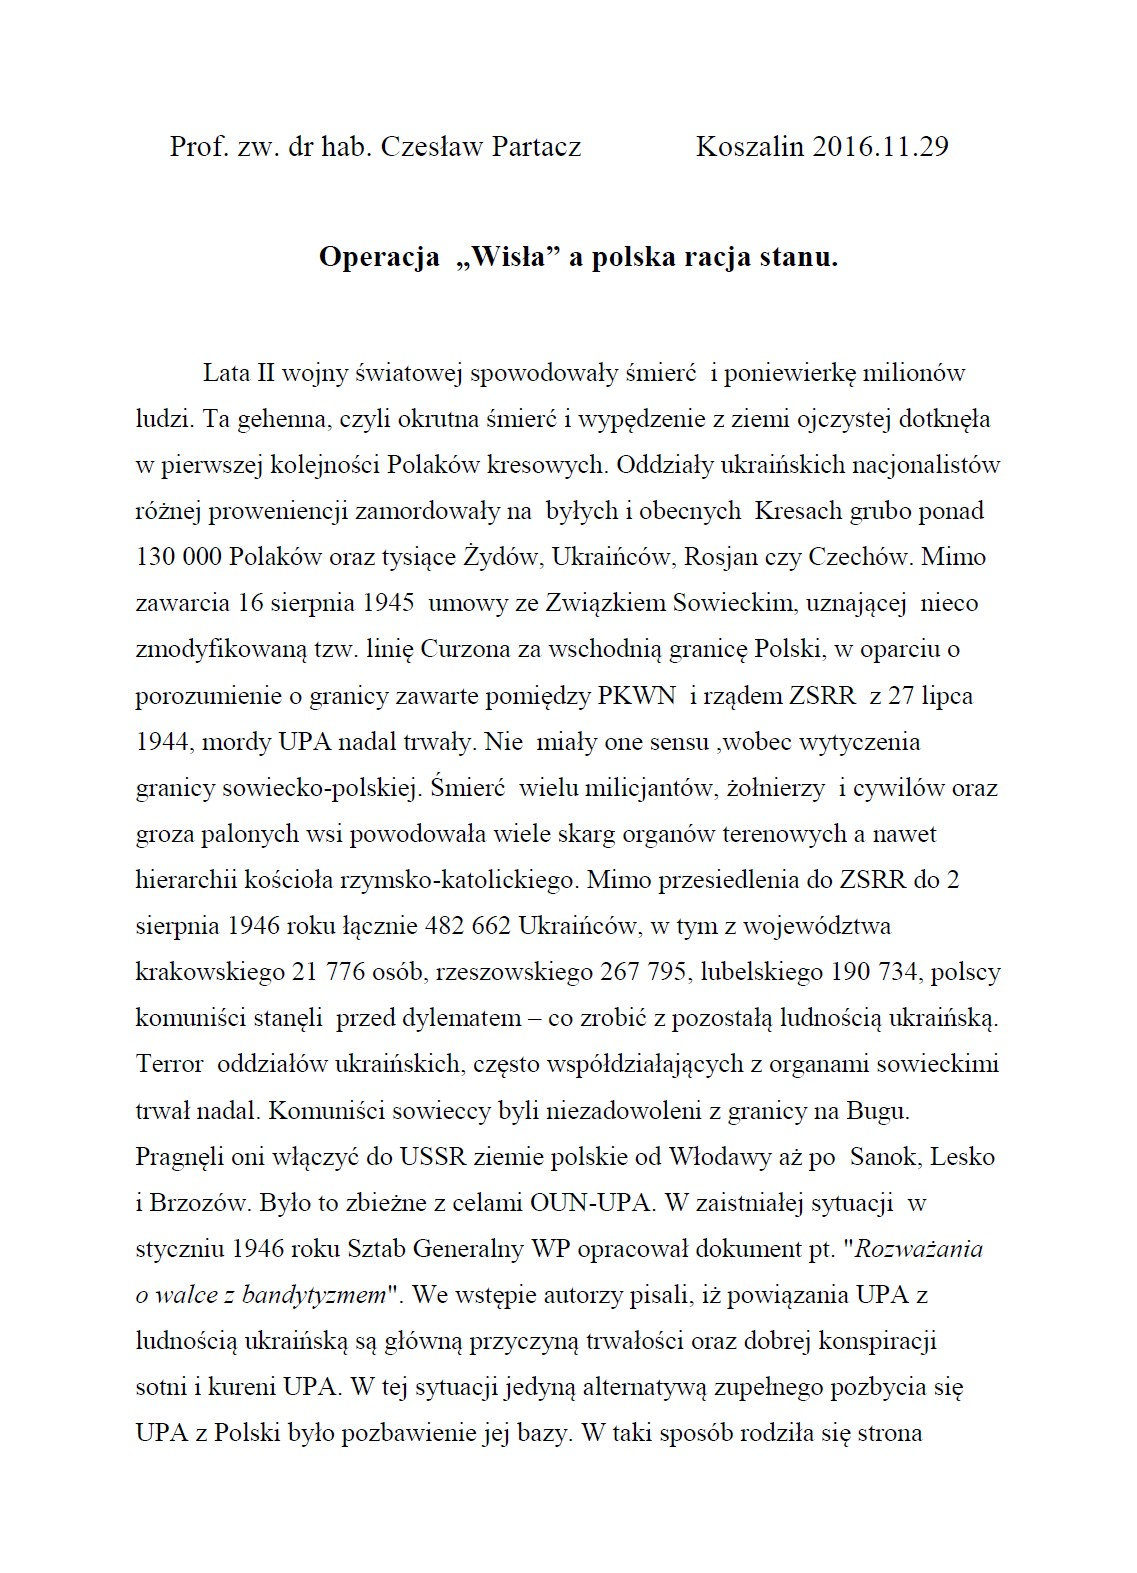 prof_czeslaw_partacz_1